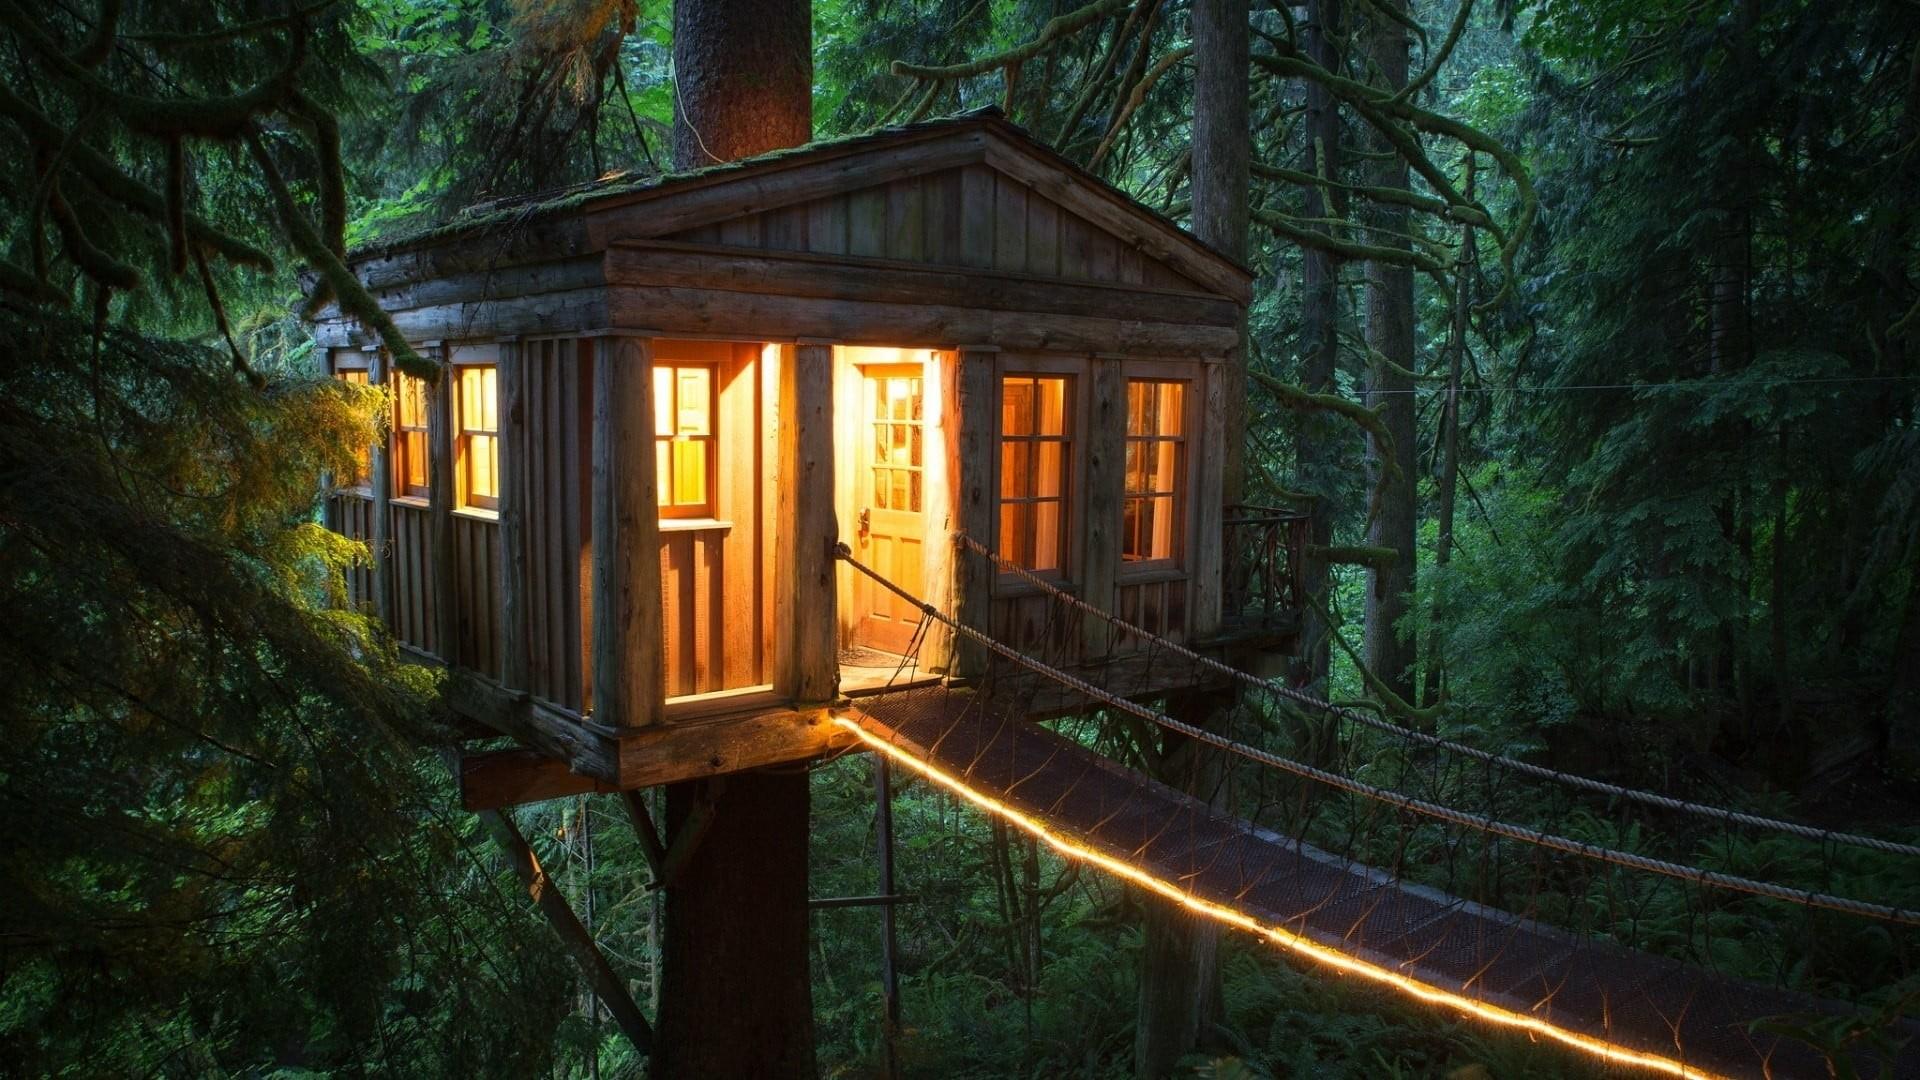 Cozy House Outside Wallpaper image hd